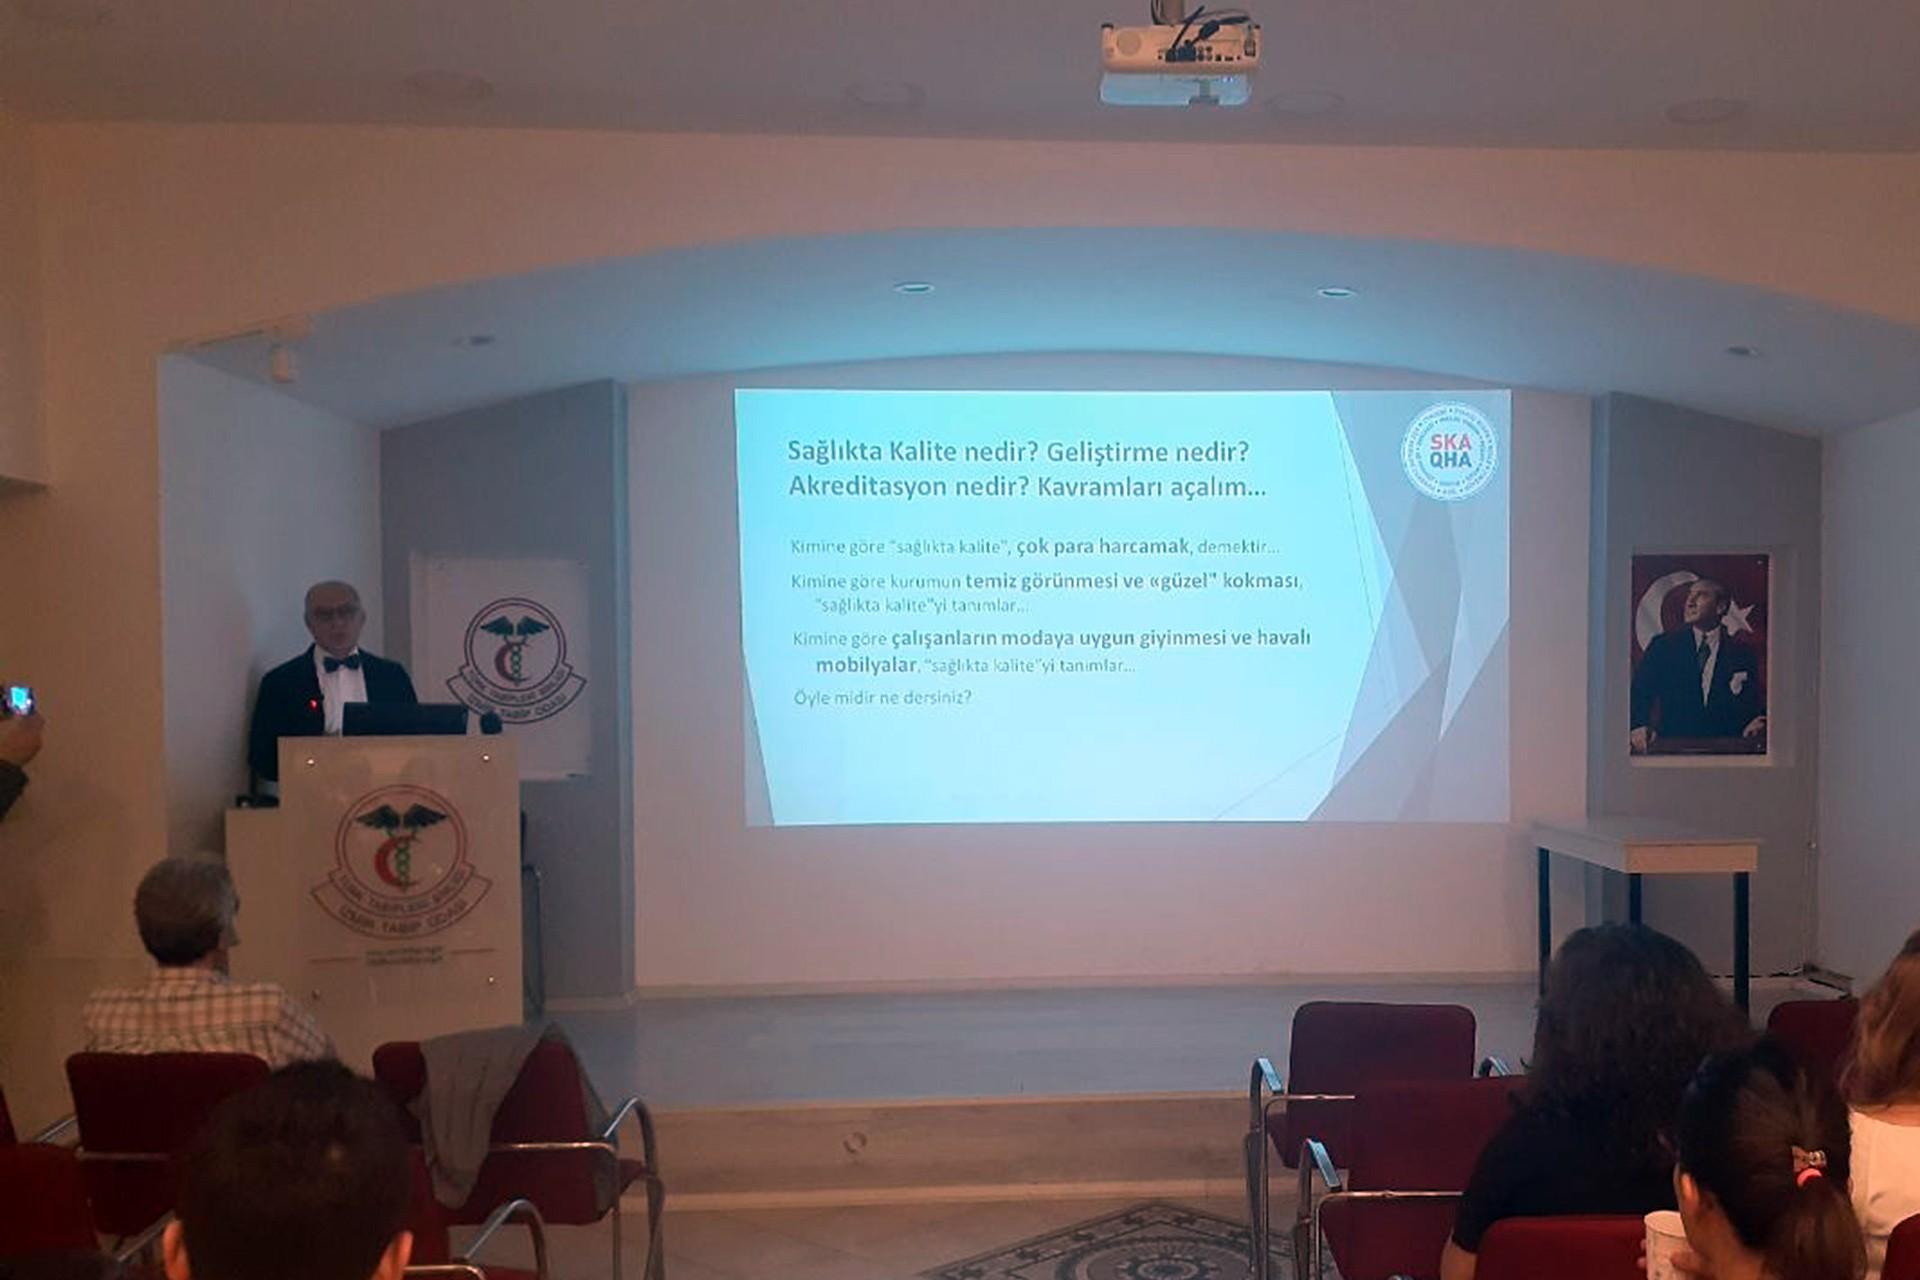 Prof. Dr. Hüseyin Baskın sinevizyon eşliğinde sunum gerçekleştiriyor.